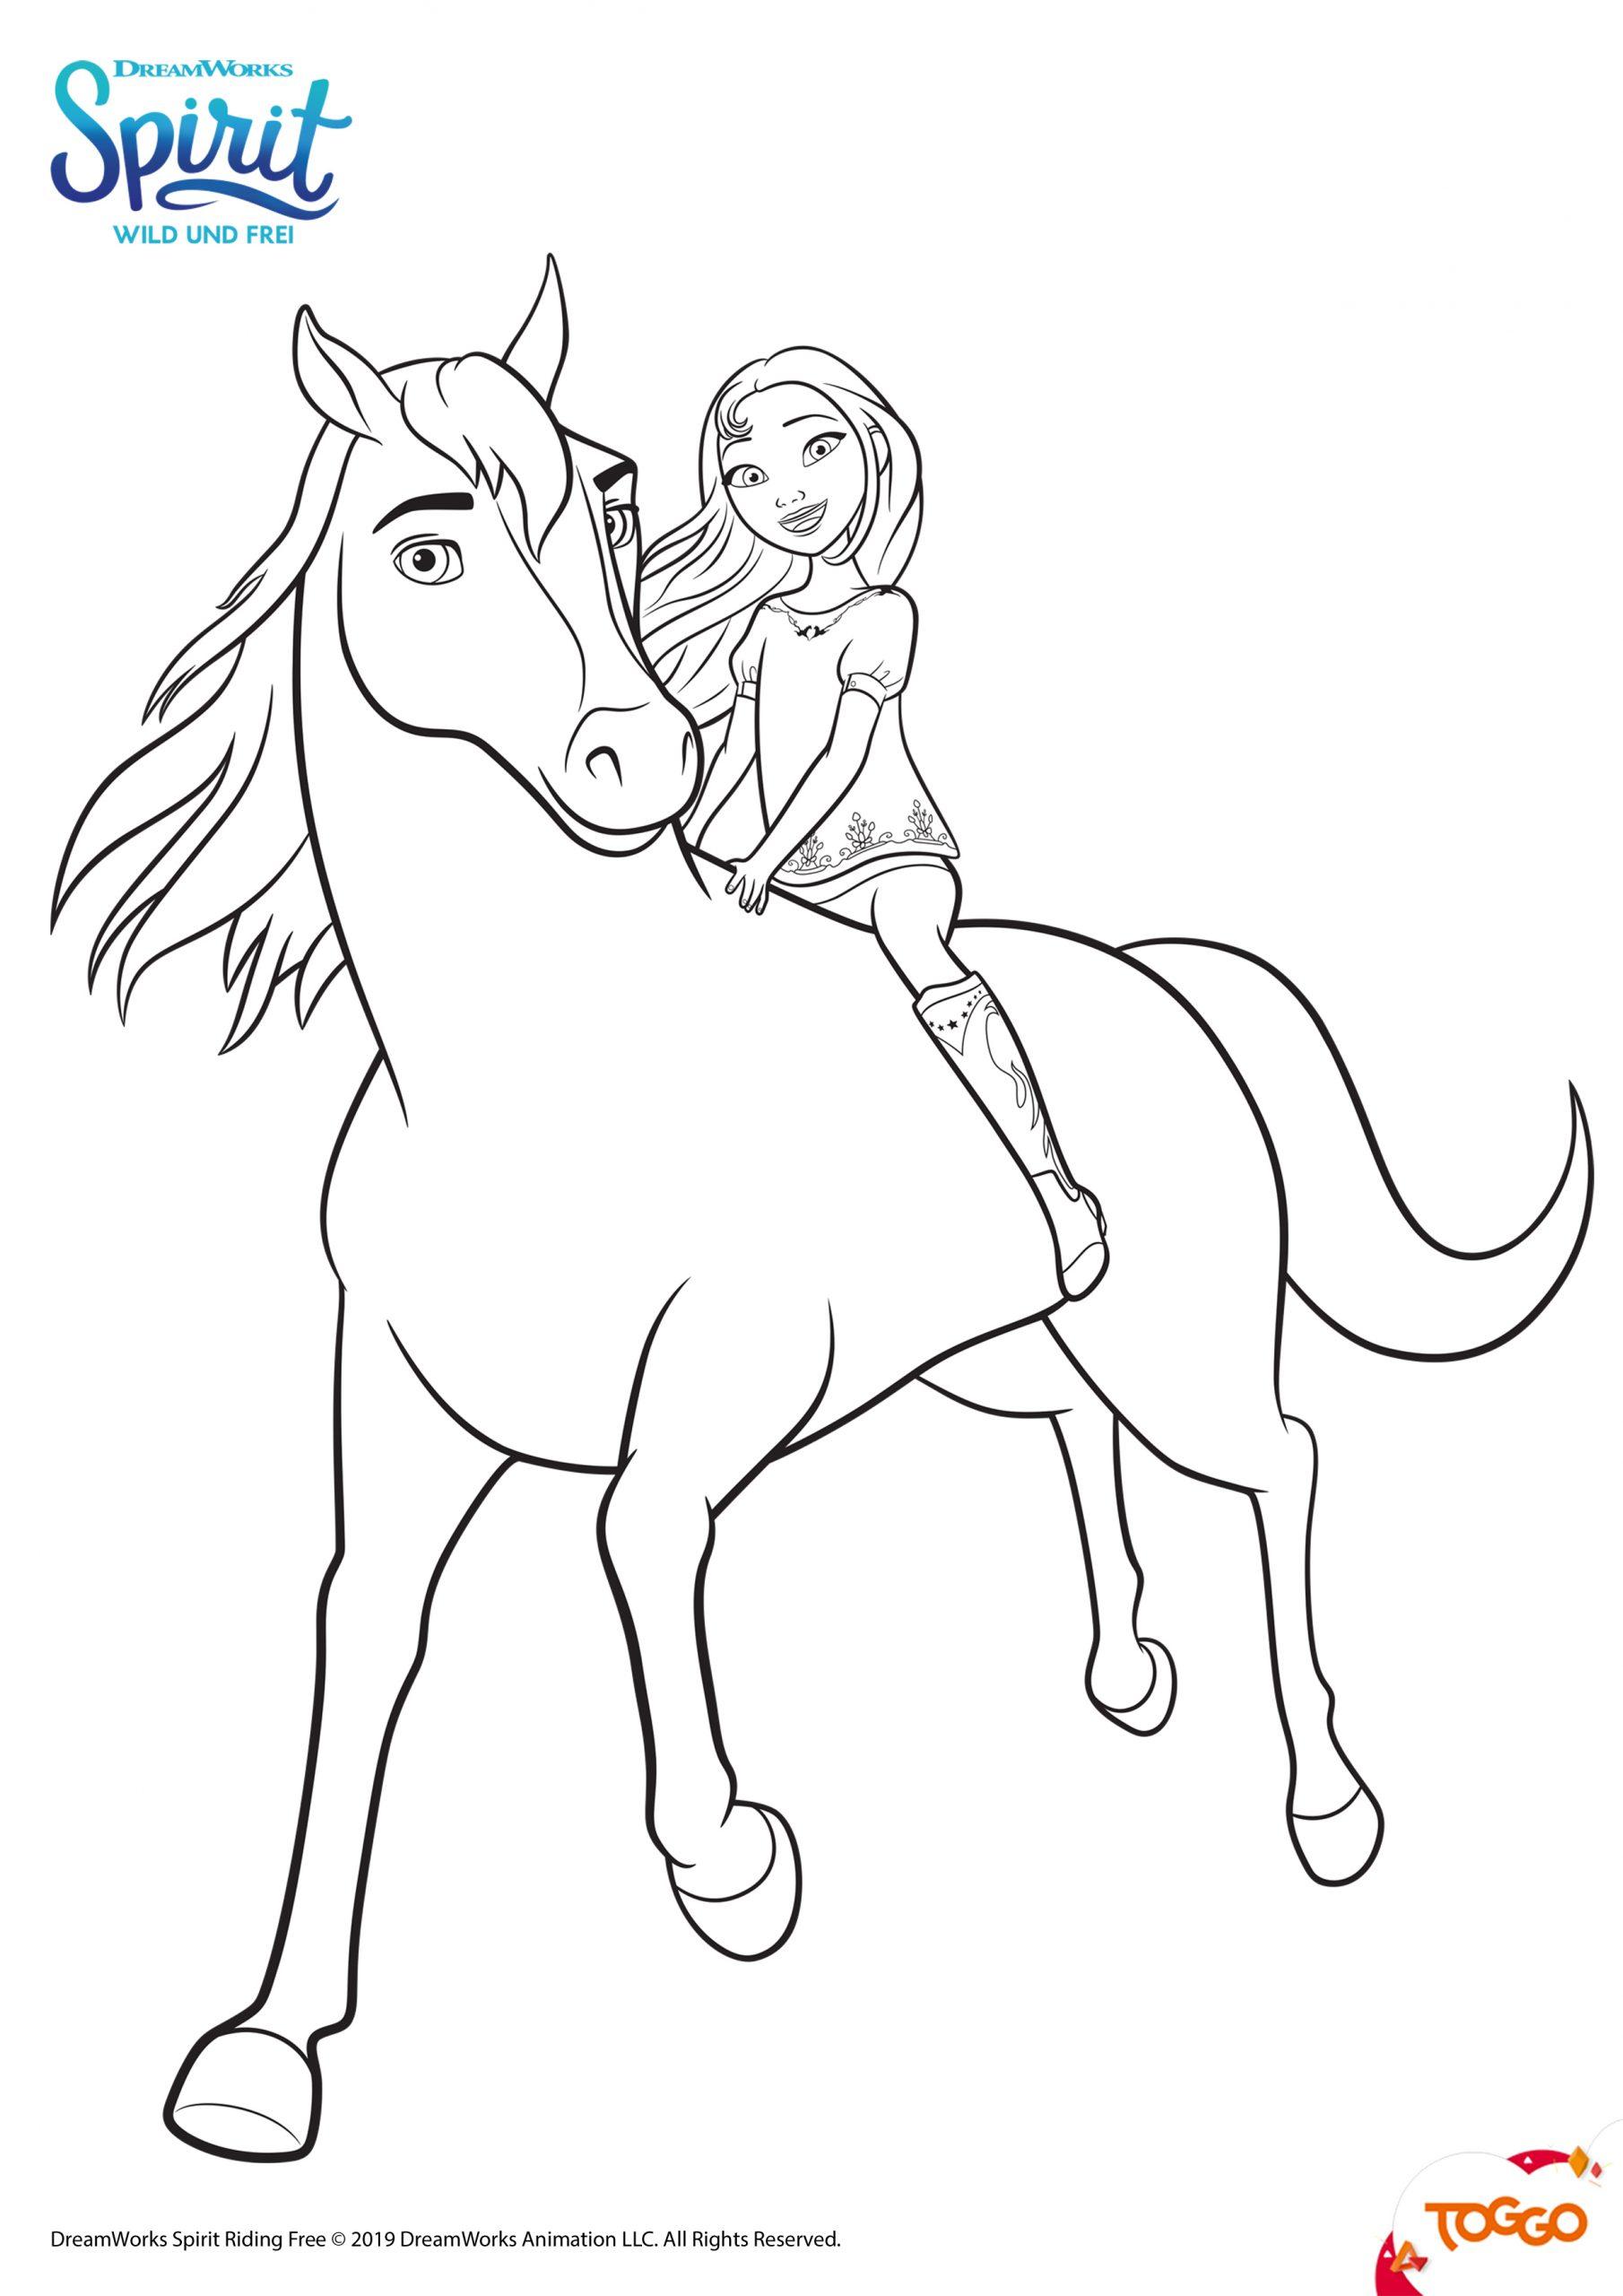 Ausmalbilder Pferde | Mytoys-Blog über Pferdebilder Zum Ausmalen Und Kostenlos Ausdrucken